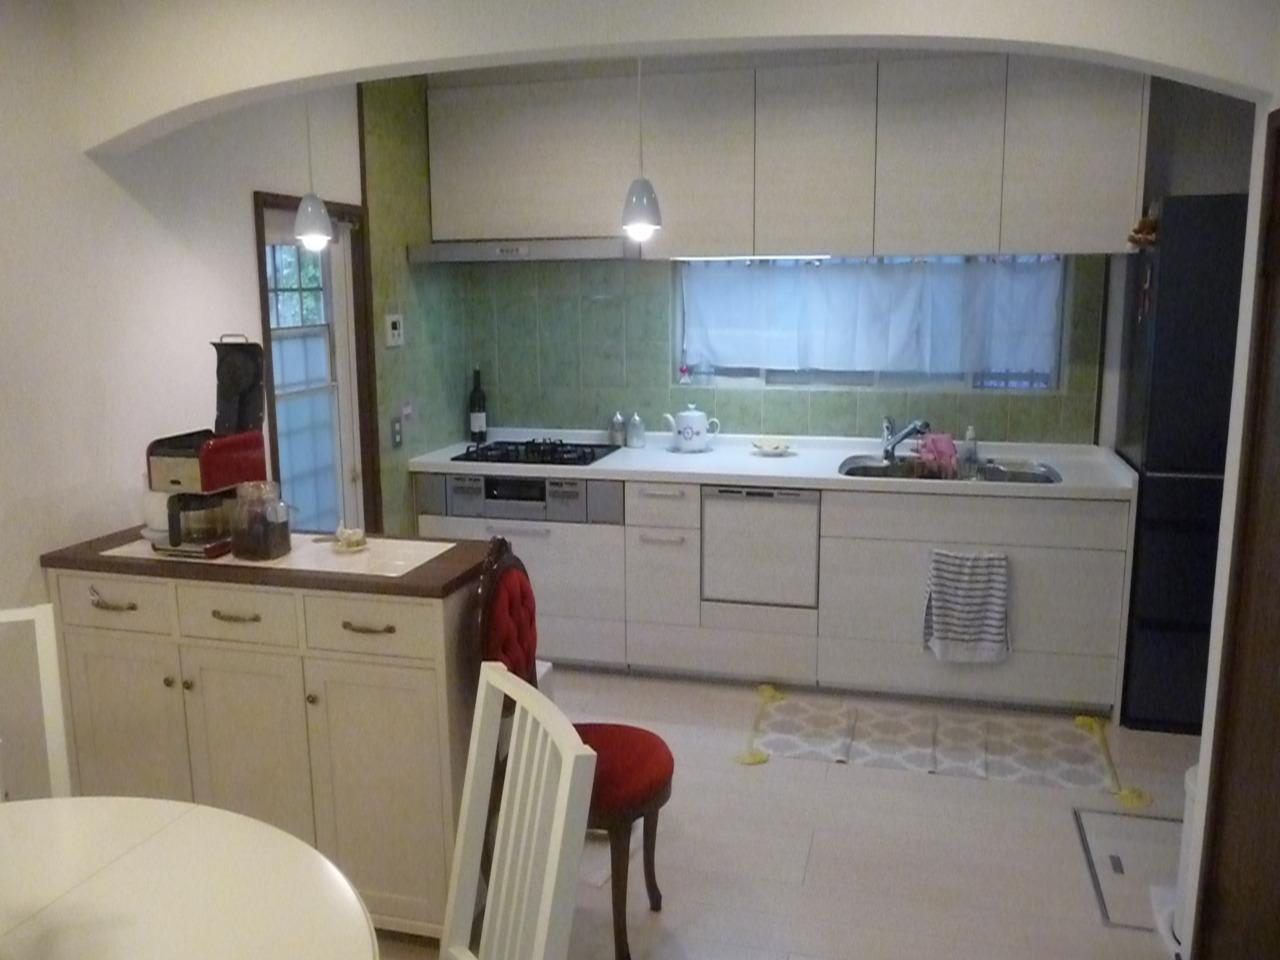 キッチン  白を基調とした収納たっぷりのキッチンに取替えました。壁のタイルは既存のものをそのまま使用しました。